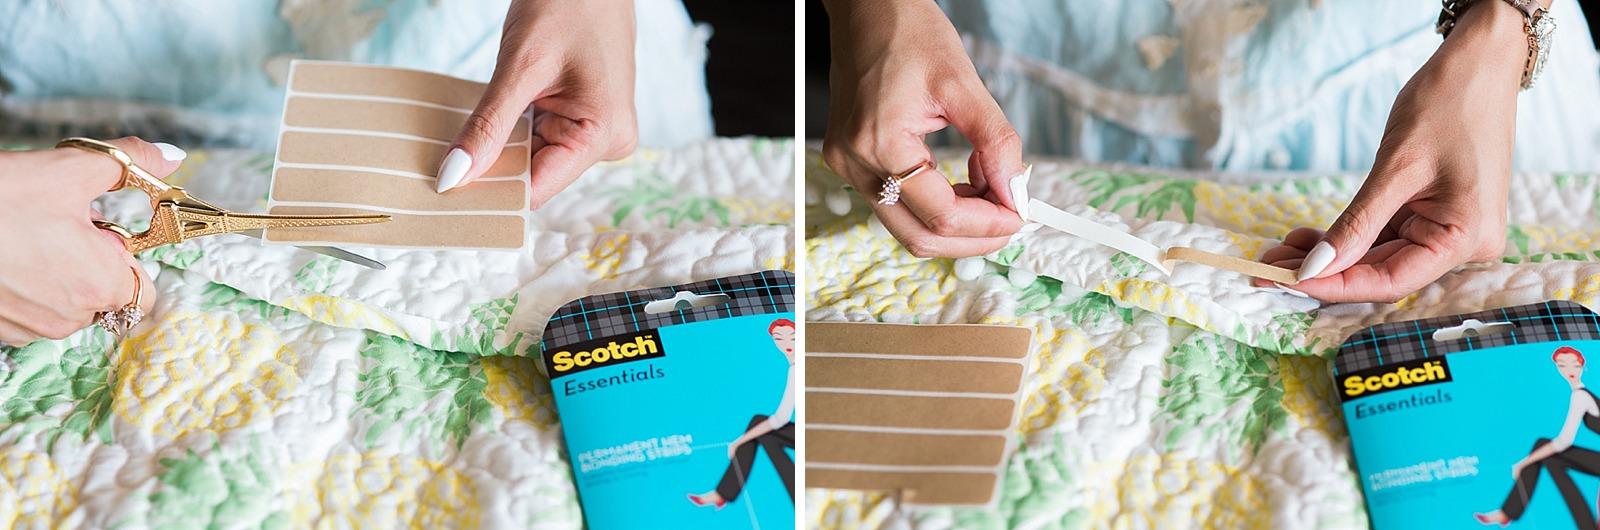 scotch-essentials-diana-elizabeth-blog-0324